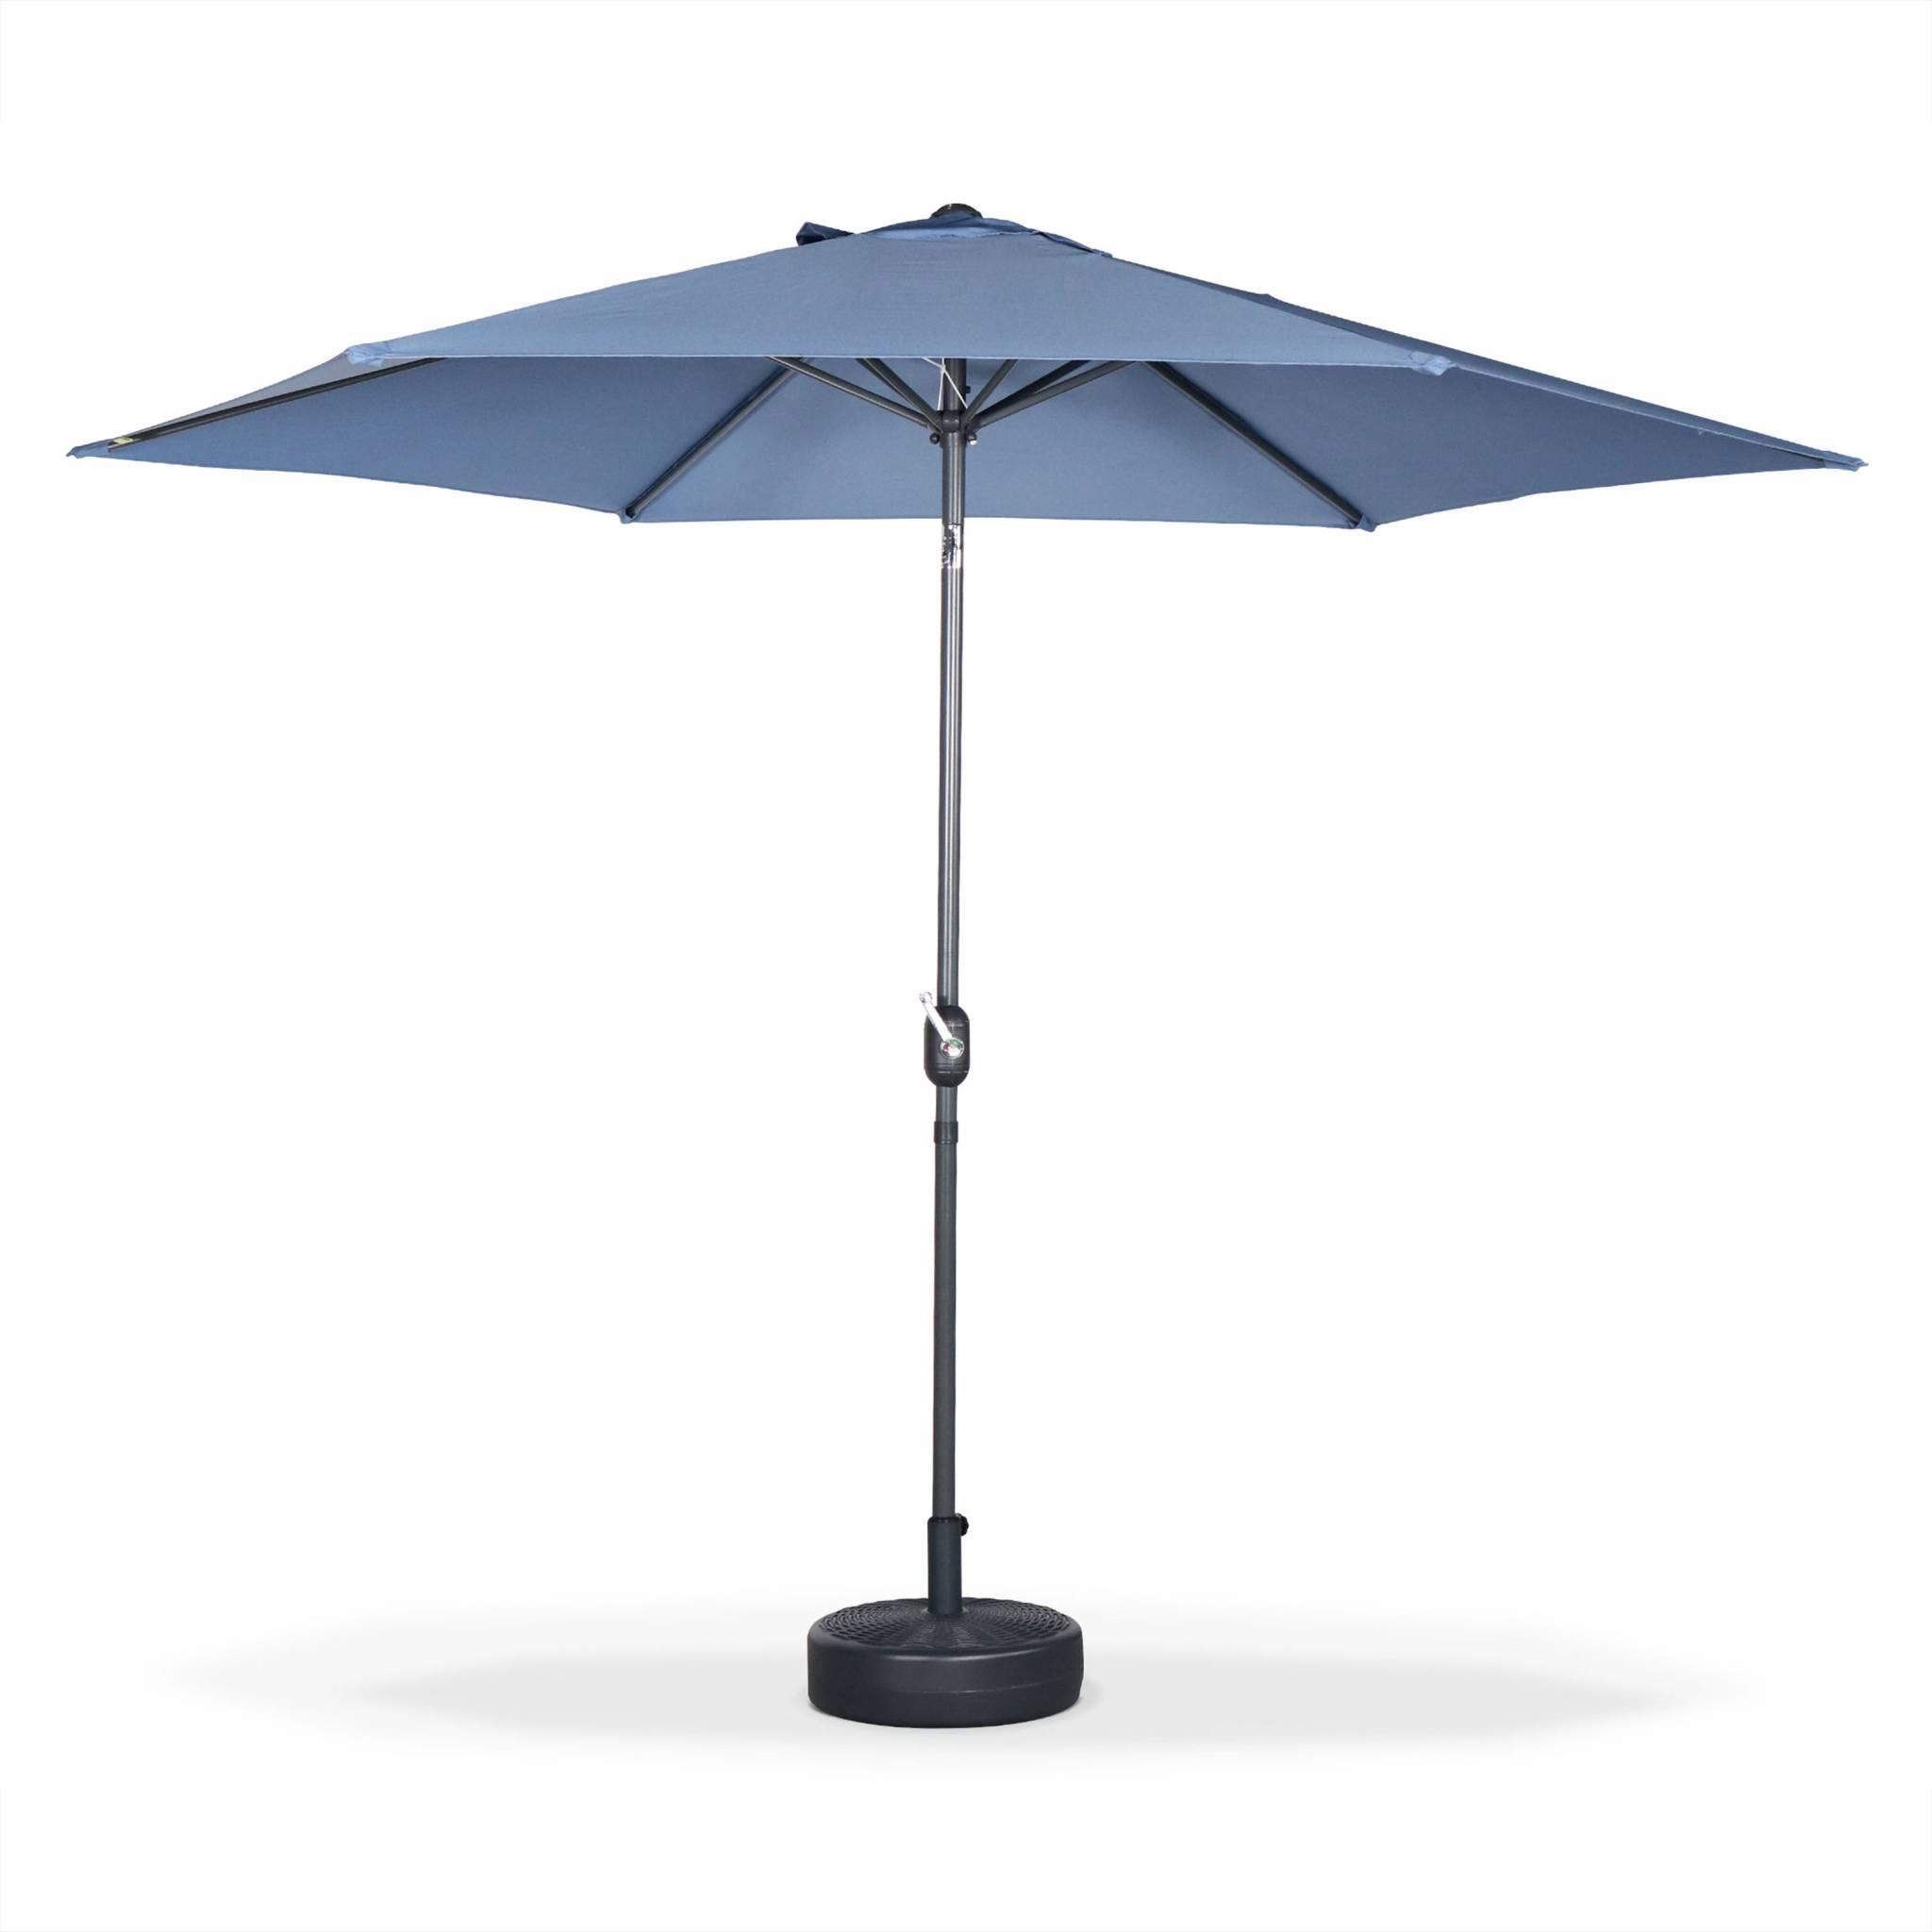 Parasol droit rond en aluminium bleu grisé D3m